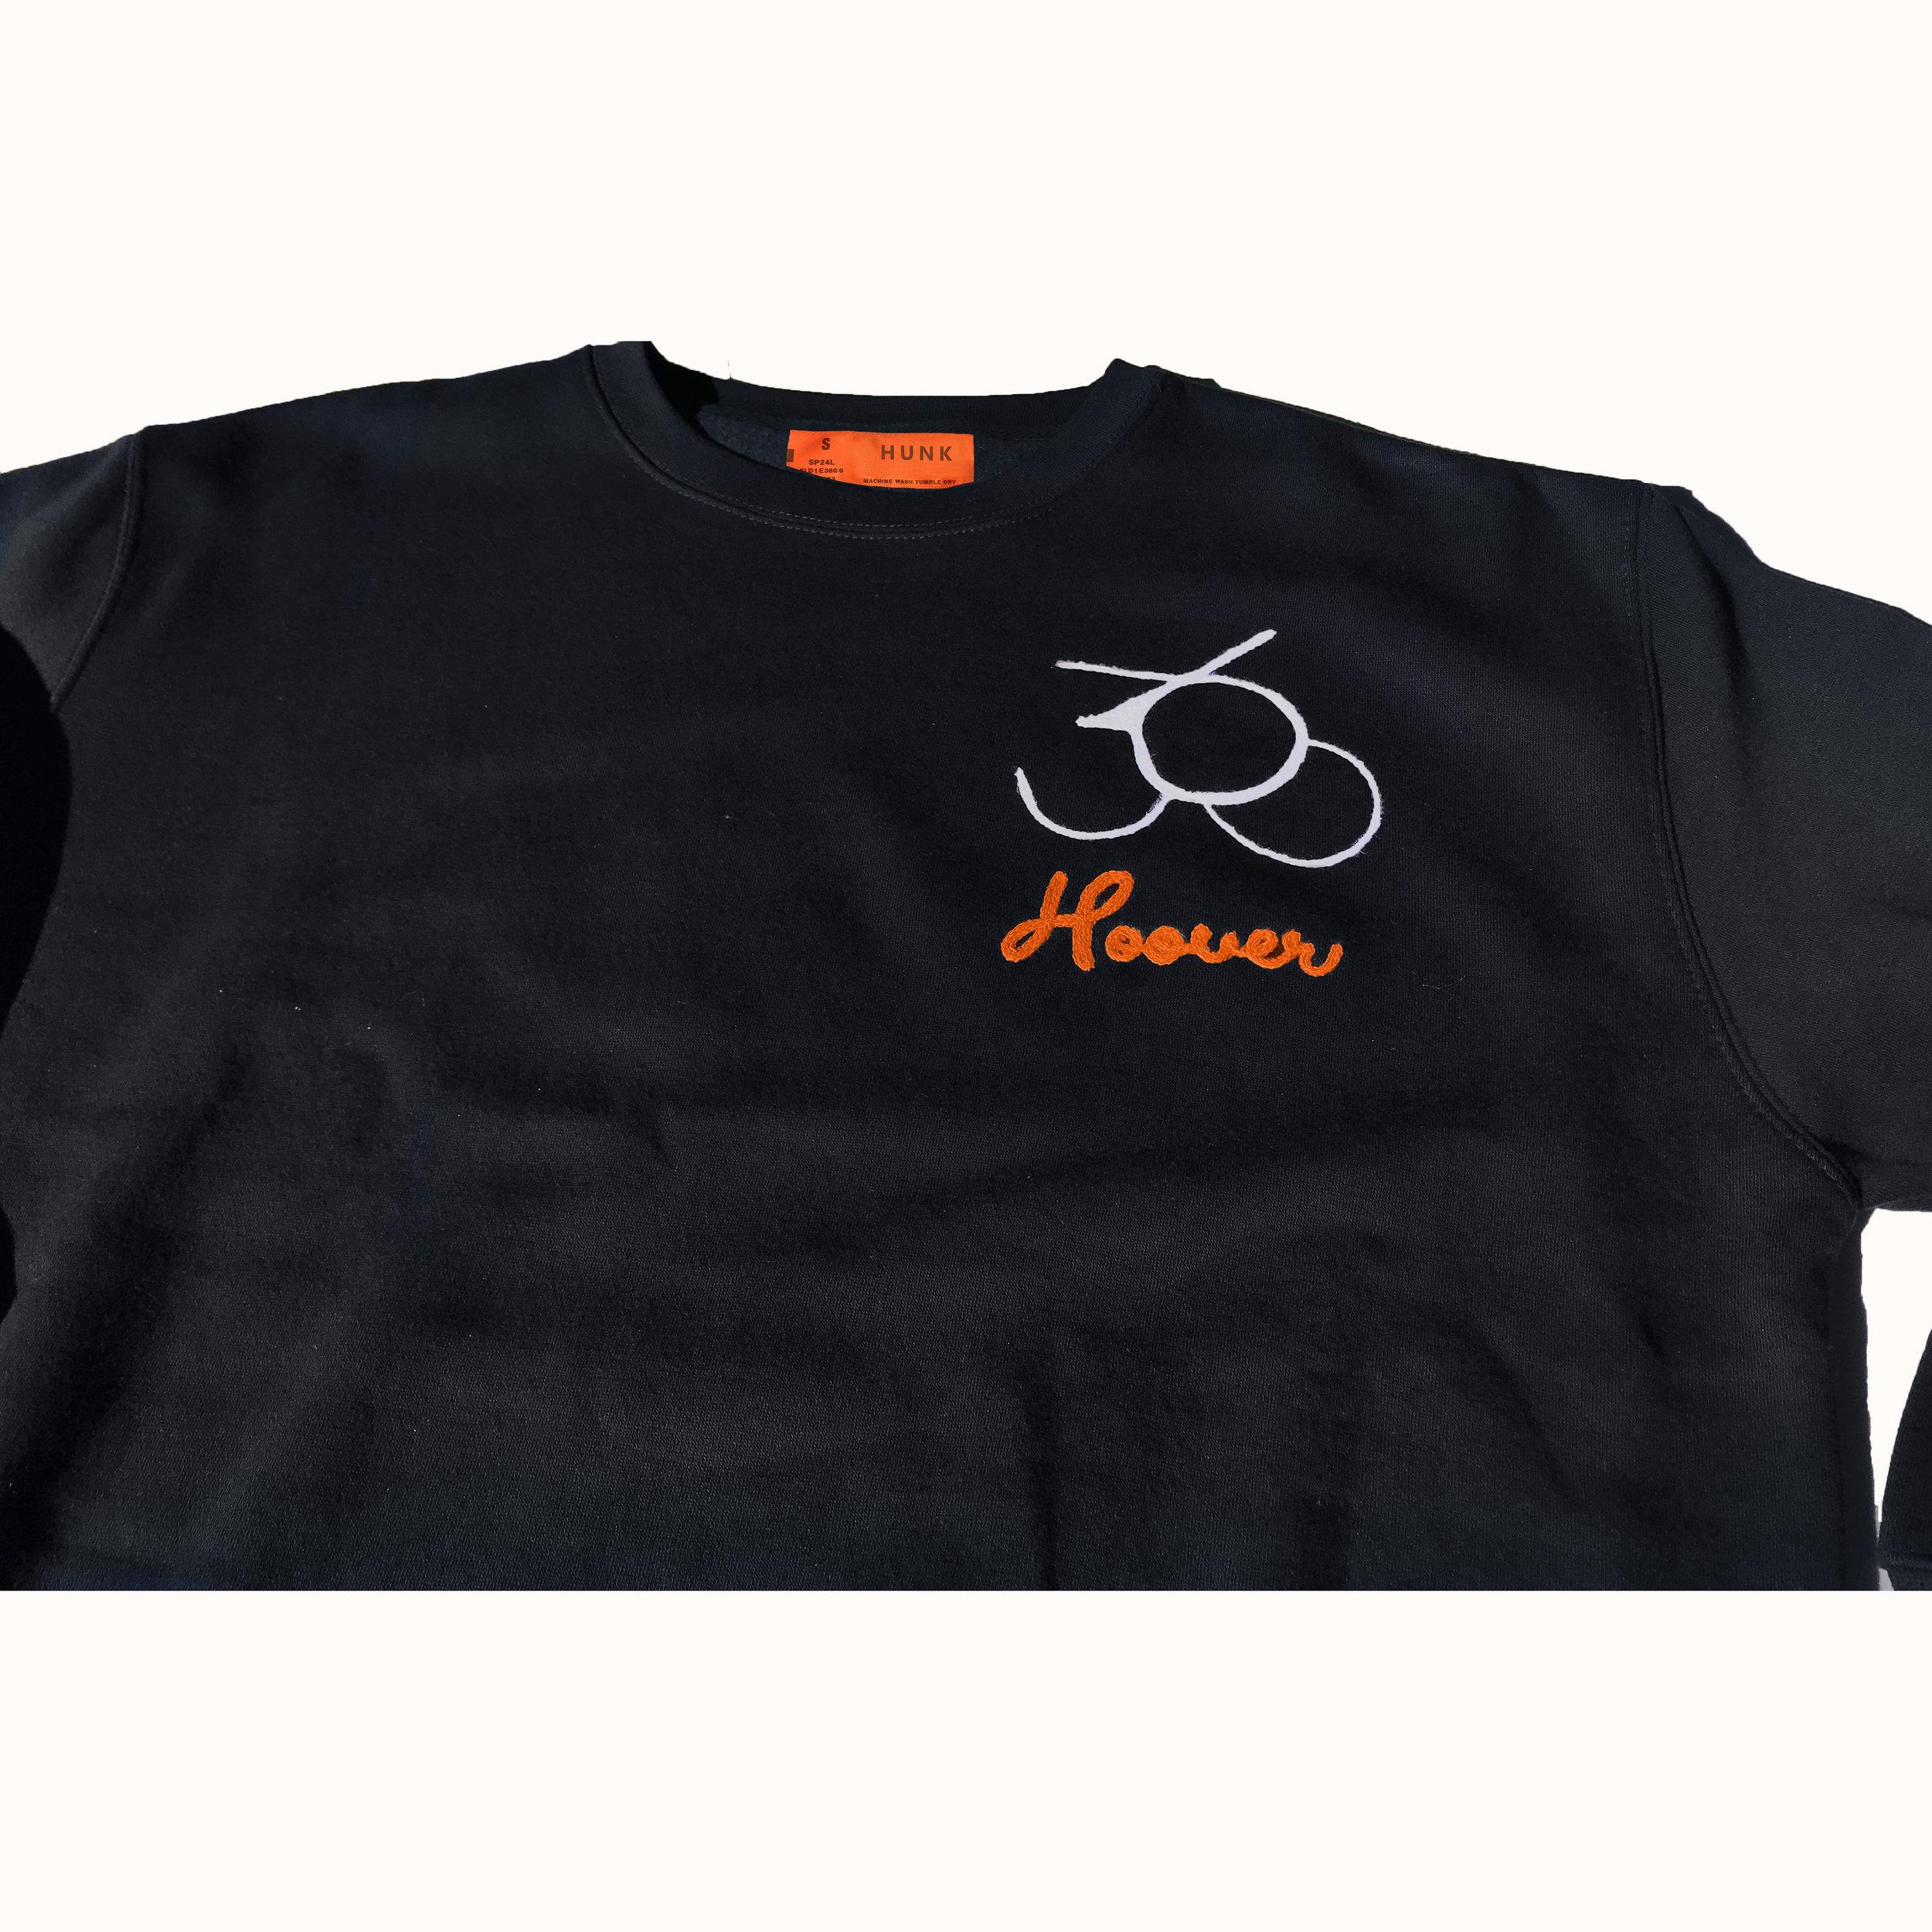 Hoover 360 2 copy.jpg